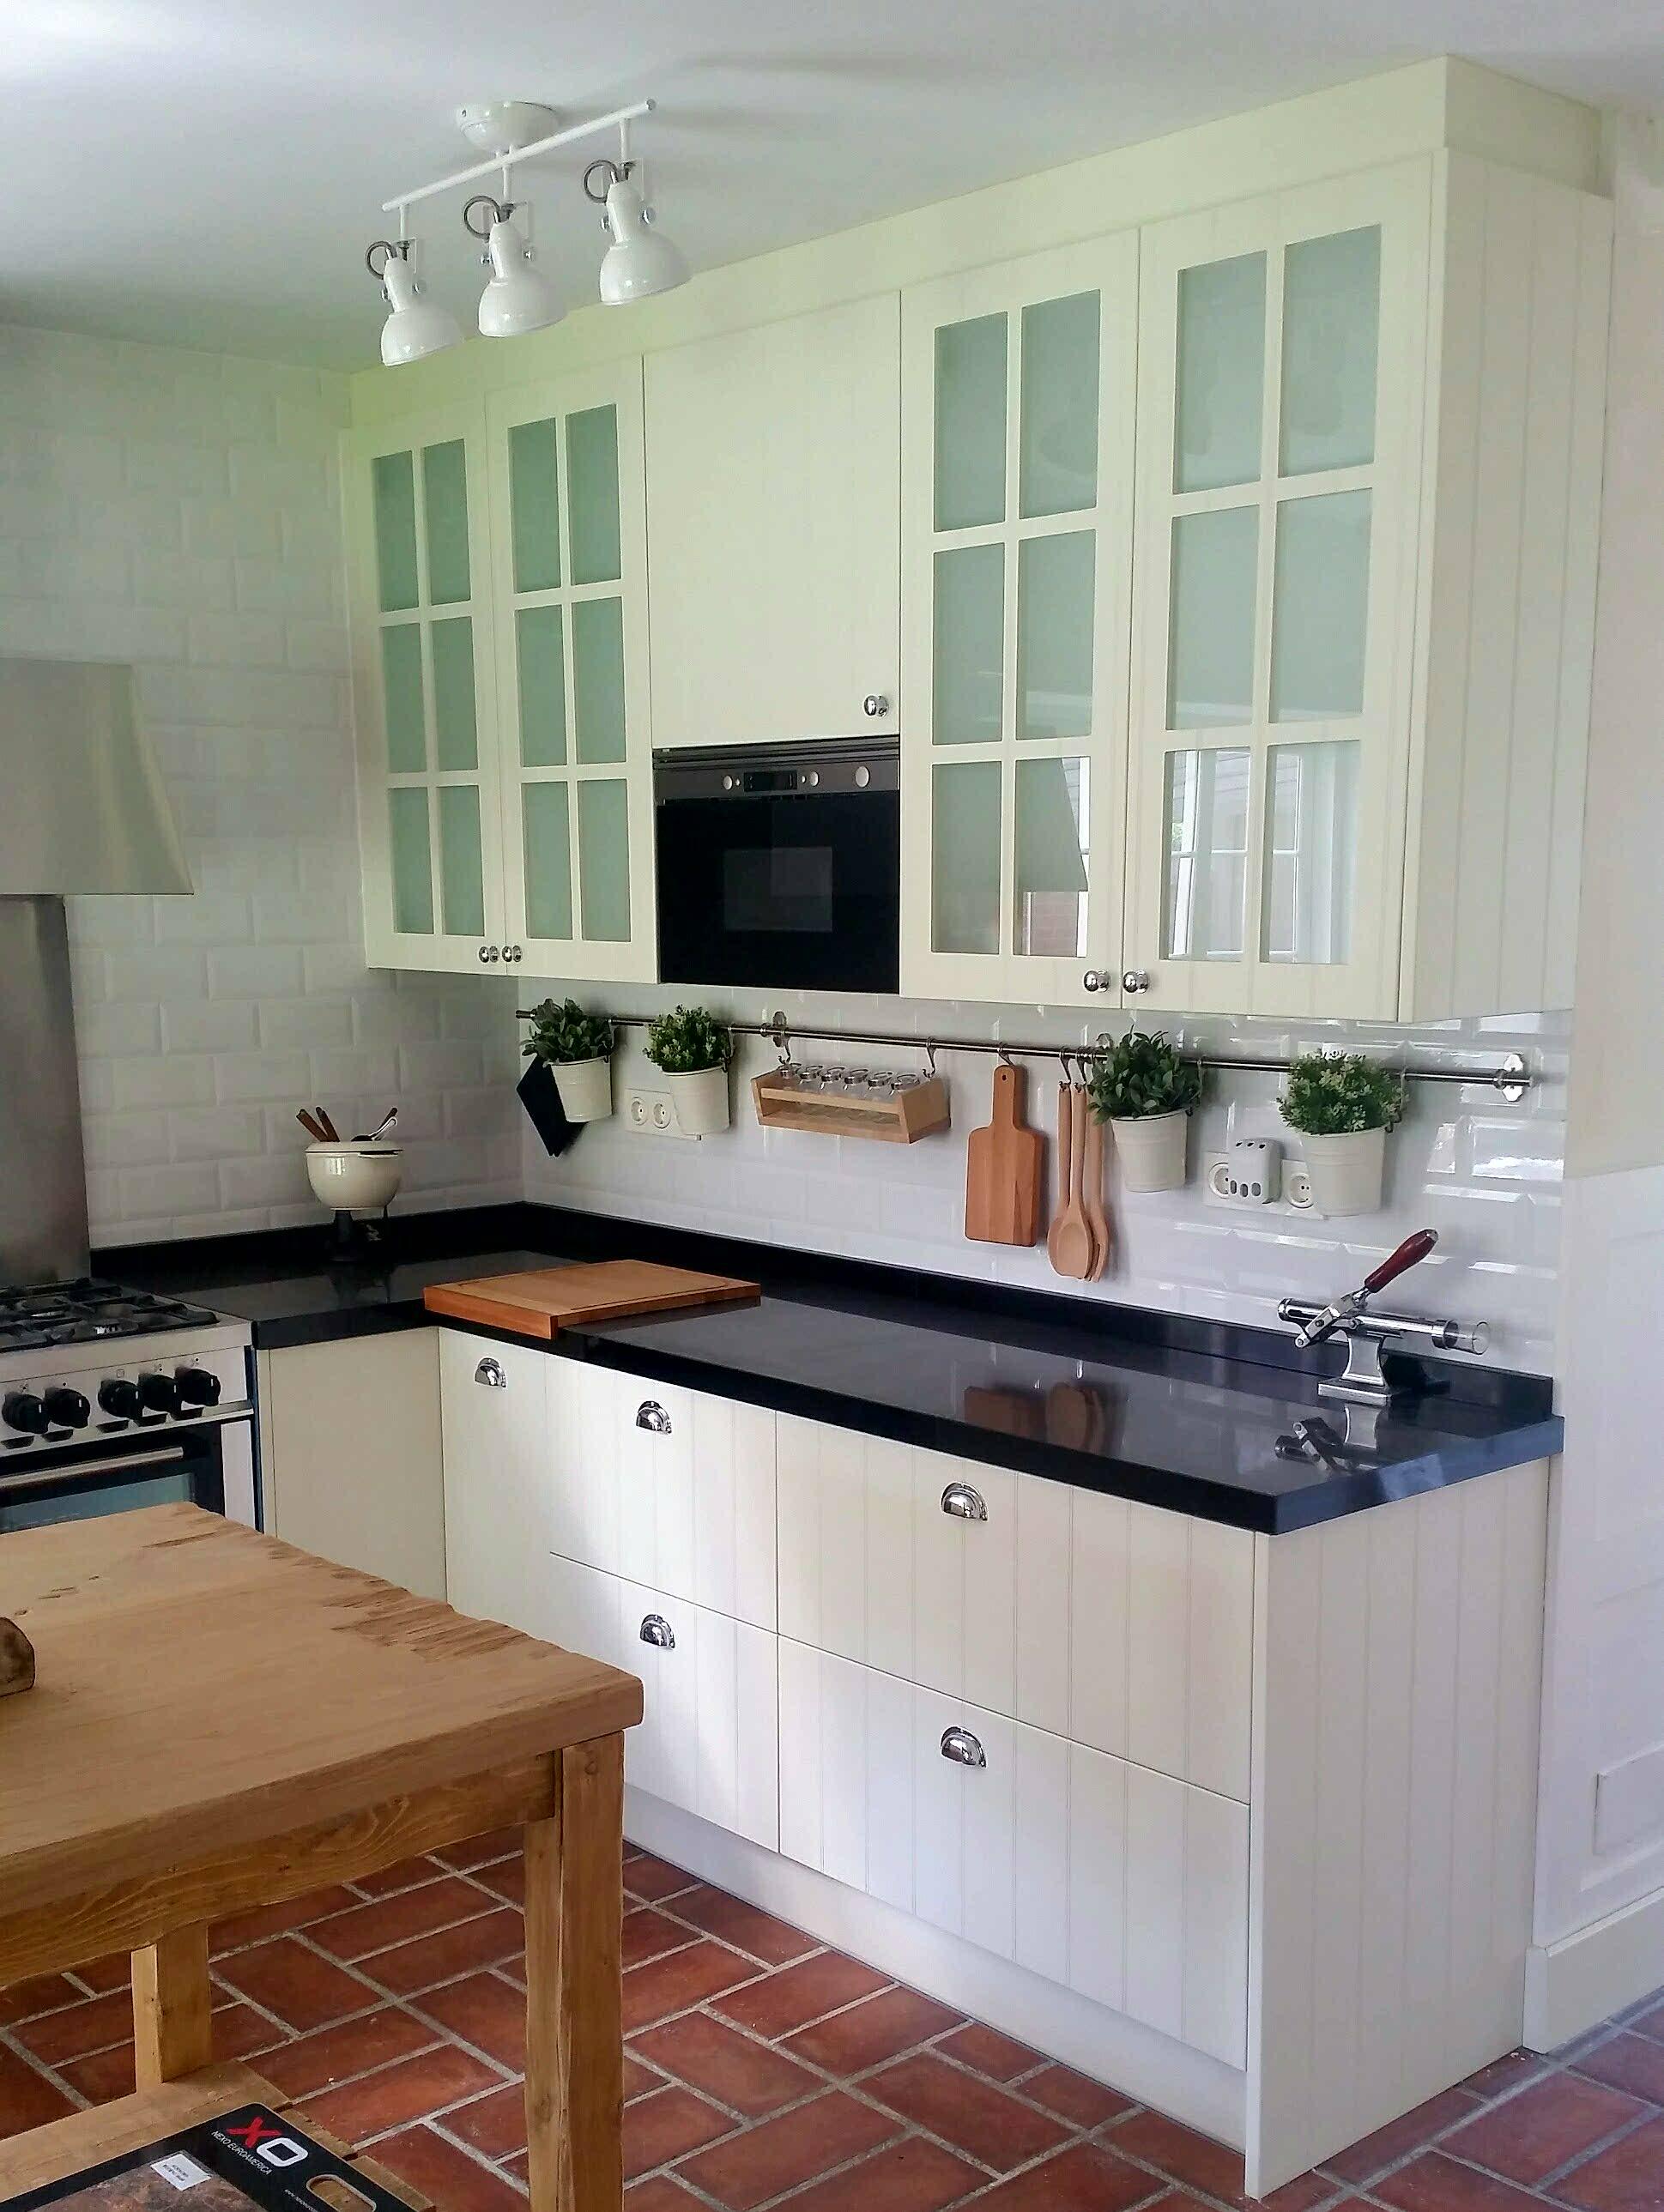 Cocina interiorista maria barrero inalsan - Cocina con microondas ...